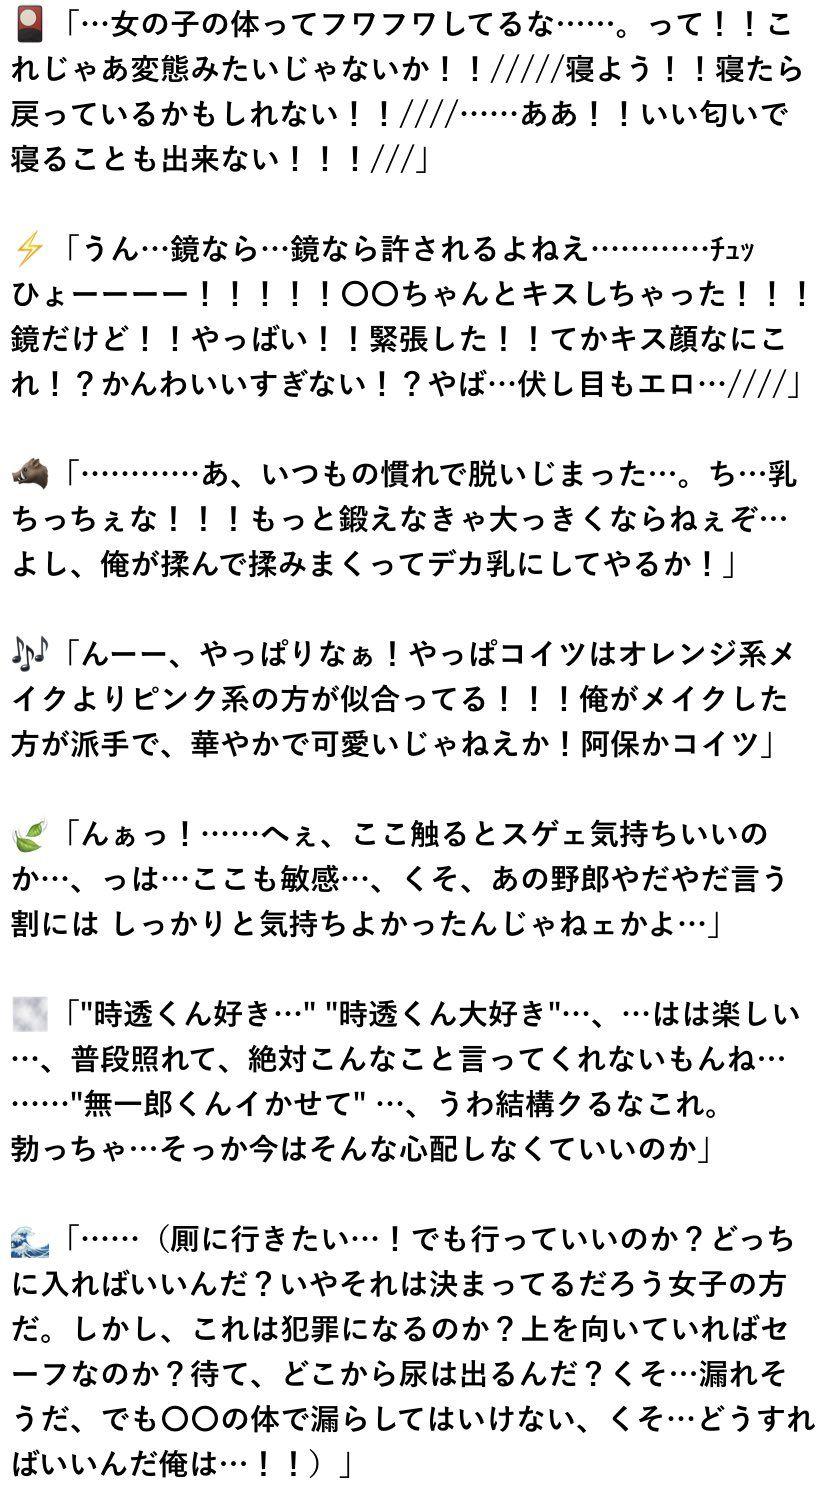 夢 時 一郎 小説 無 透